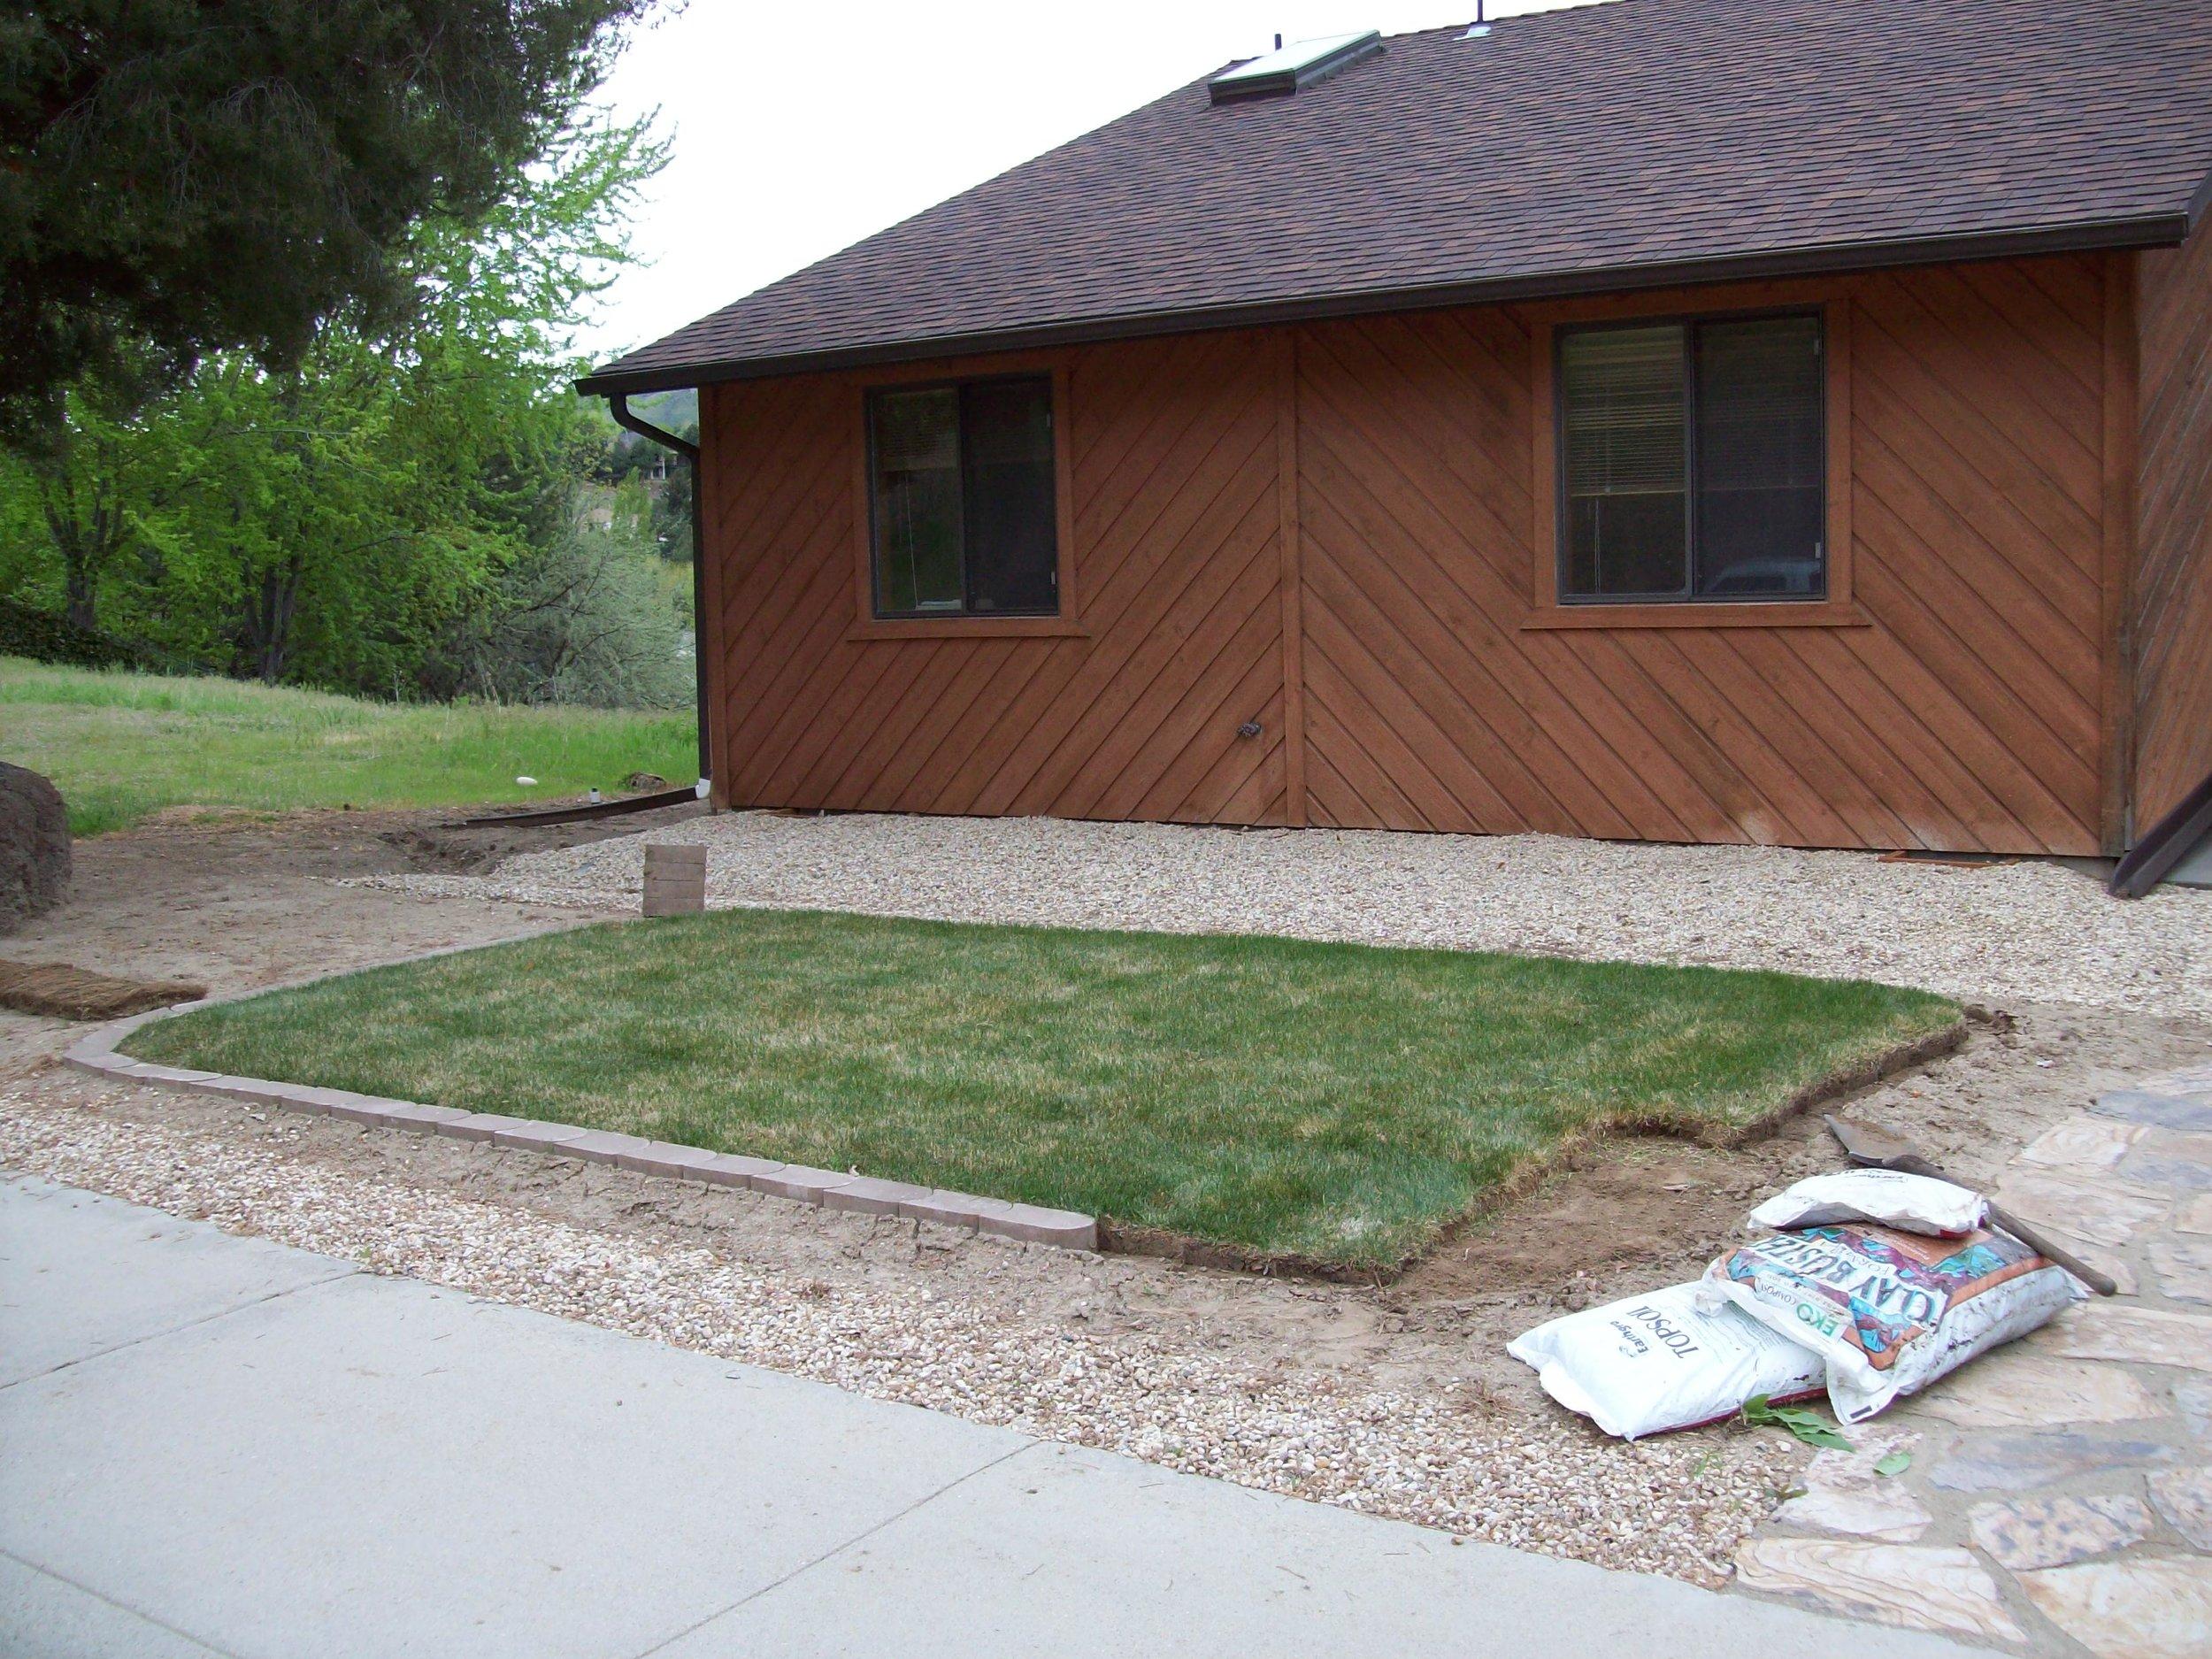 Ingraham Lawn Euth 1.JPG